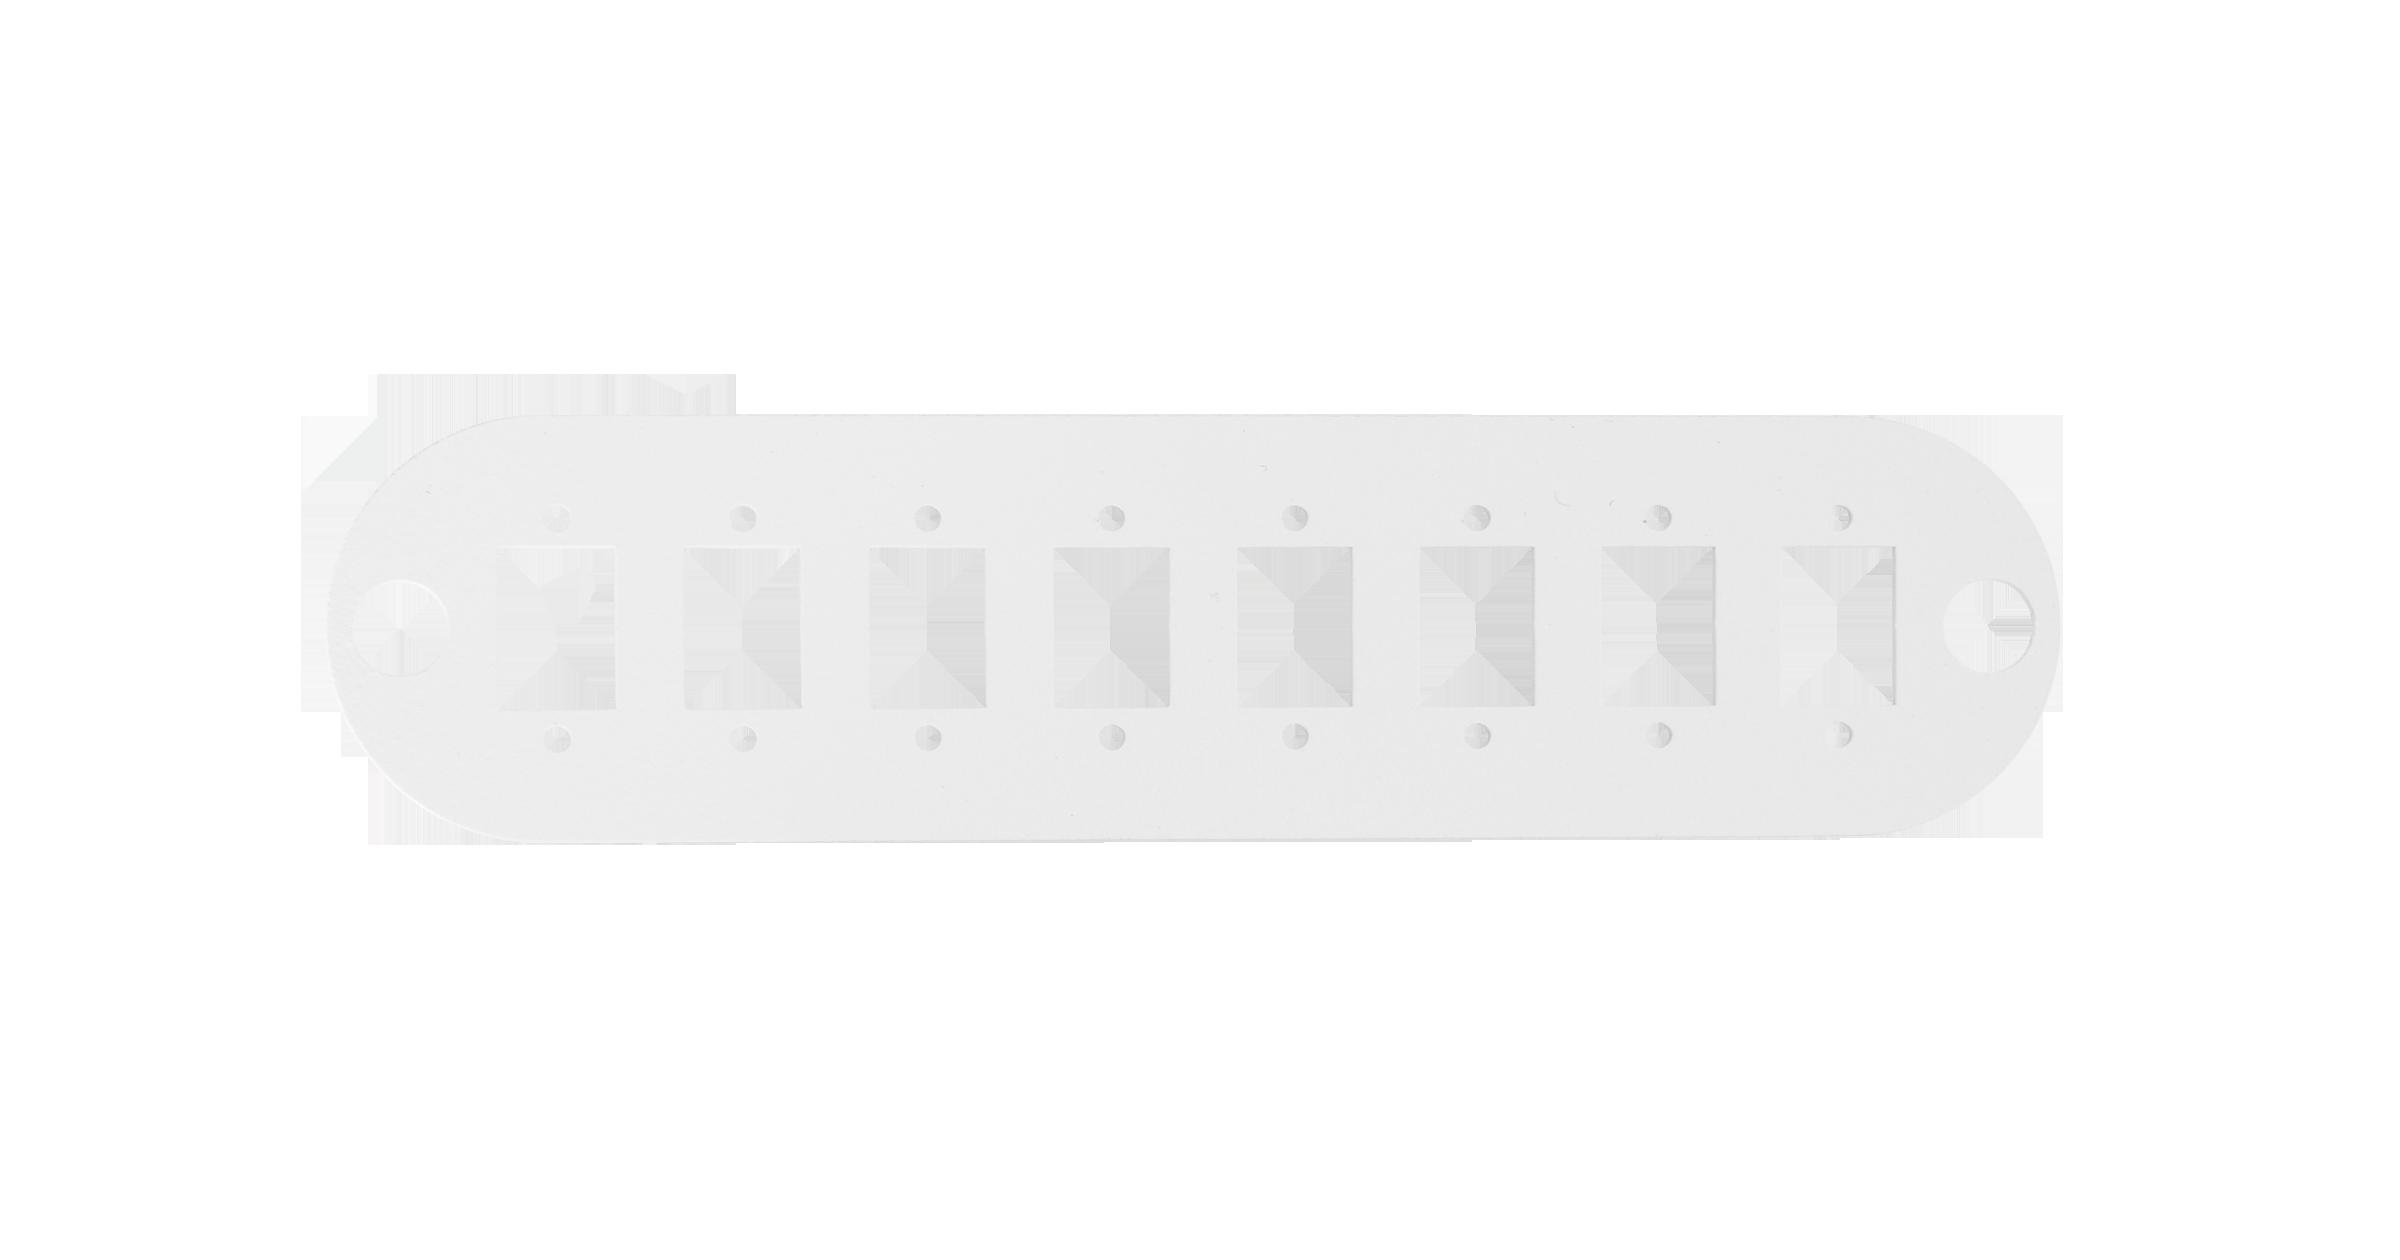 Адаптерная панель NIKOMAX TFI, до 8 одинарных адаптеров SC / двойных адаптеров LC, стальная, серая